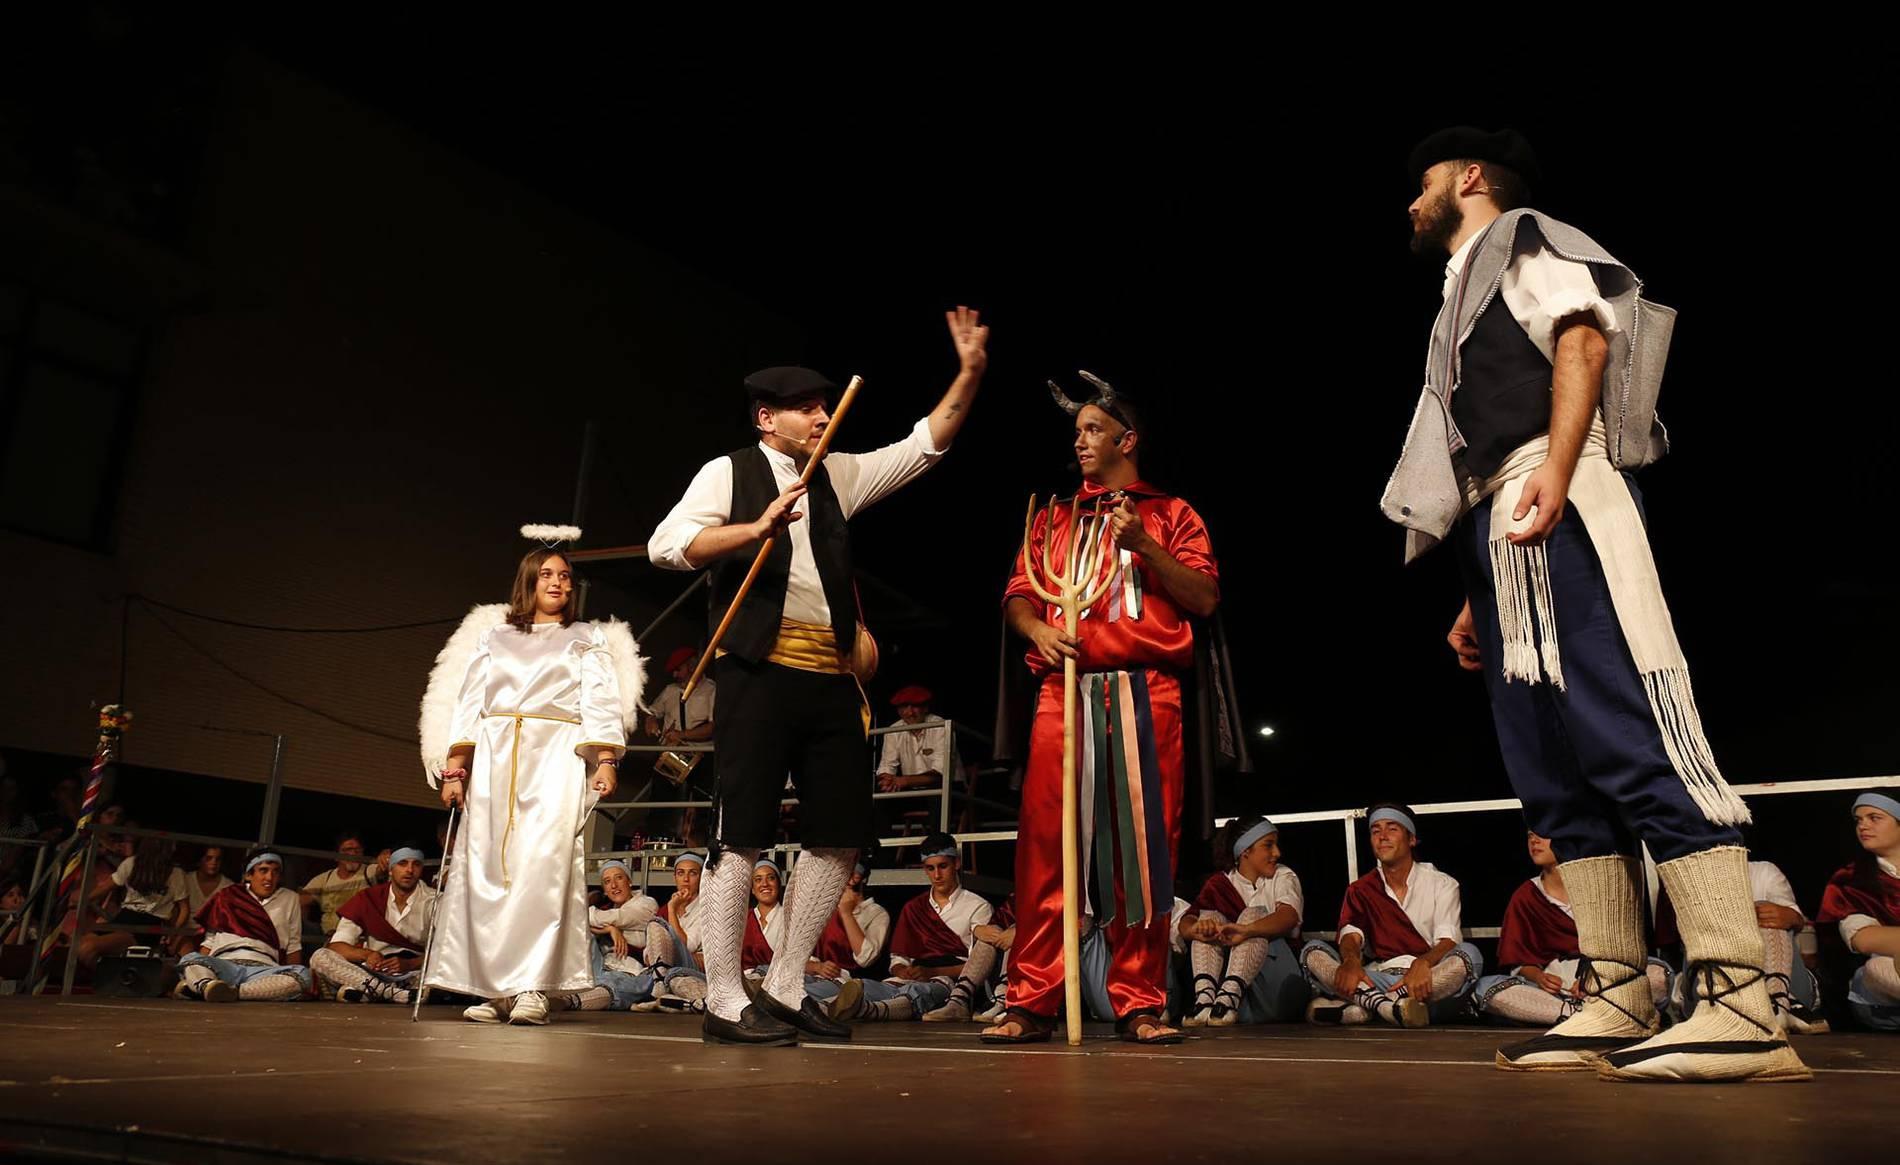 El paloteado de fiestas de San Bartolomé (1/9) - El paloteado de fiestas de San Bartolmé en Ribaforada - Tudela y Ribera -